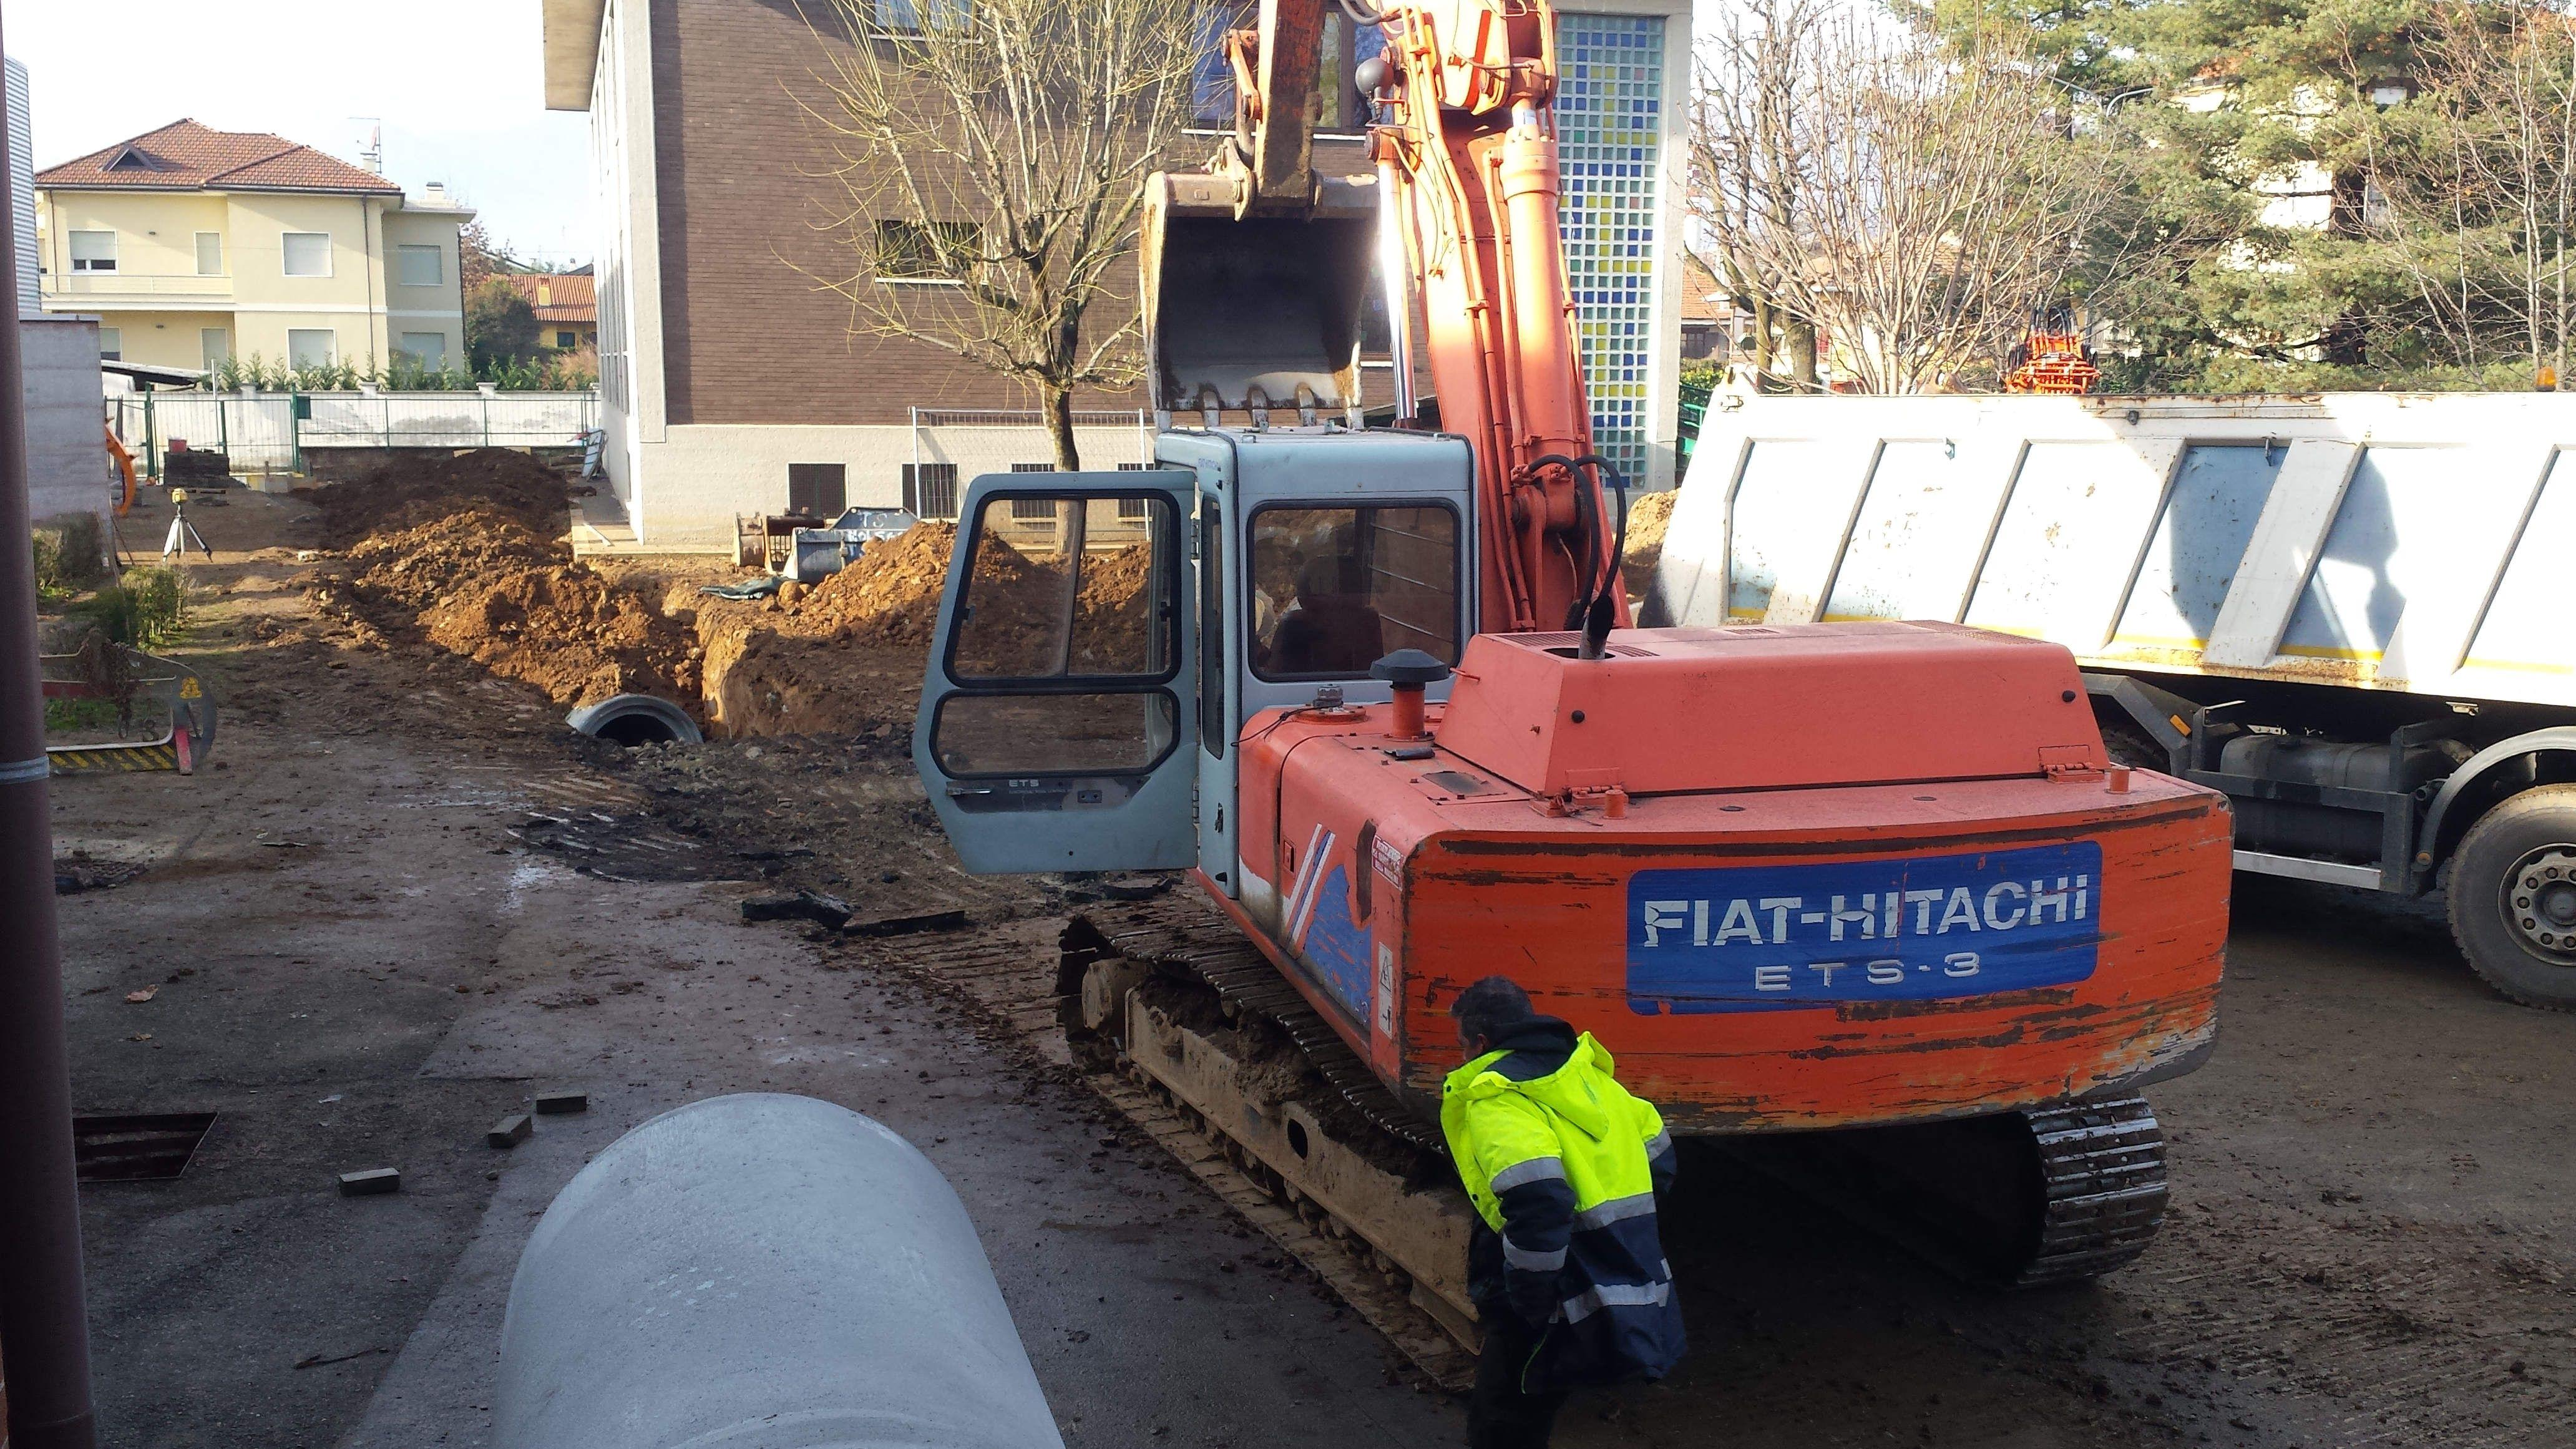 FAVRIA - Lavori in corso alle scuole: i cantieri rispettano i tempi